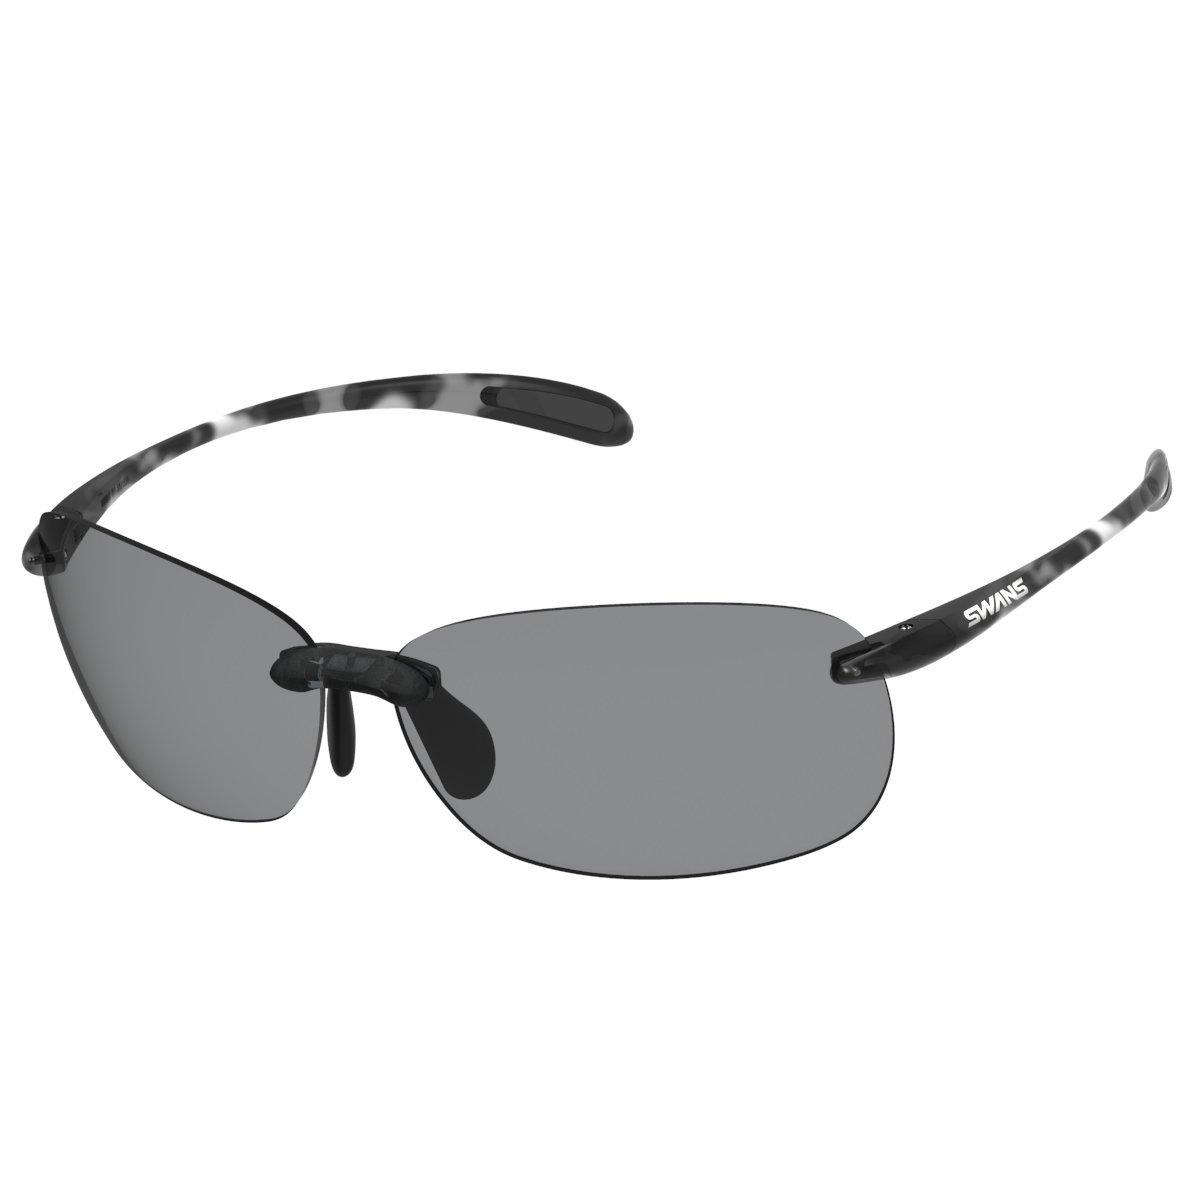 SWANS(スワンズ) 日本製 スポーツ サングラス エアレスビーンズ Airless Beans 軽量アウトドアモデル SABE (ウォーキング アウトドア トレッキング ドライブ 用) B00JK5QJT2 デミスモーク/調光レンズ(スモークtoクリア) デミスモーク/調光レンズ(スモークtoクリア)